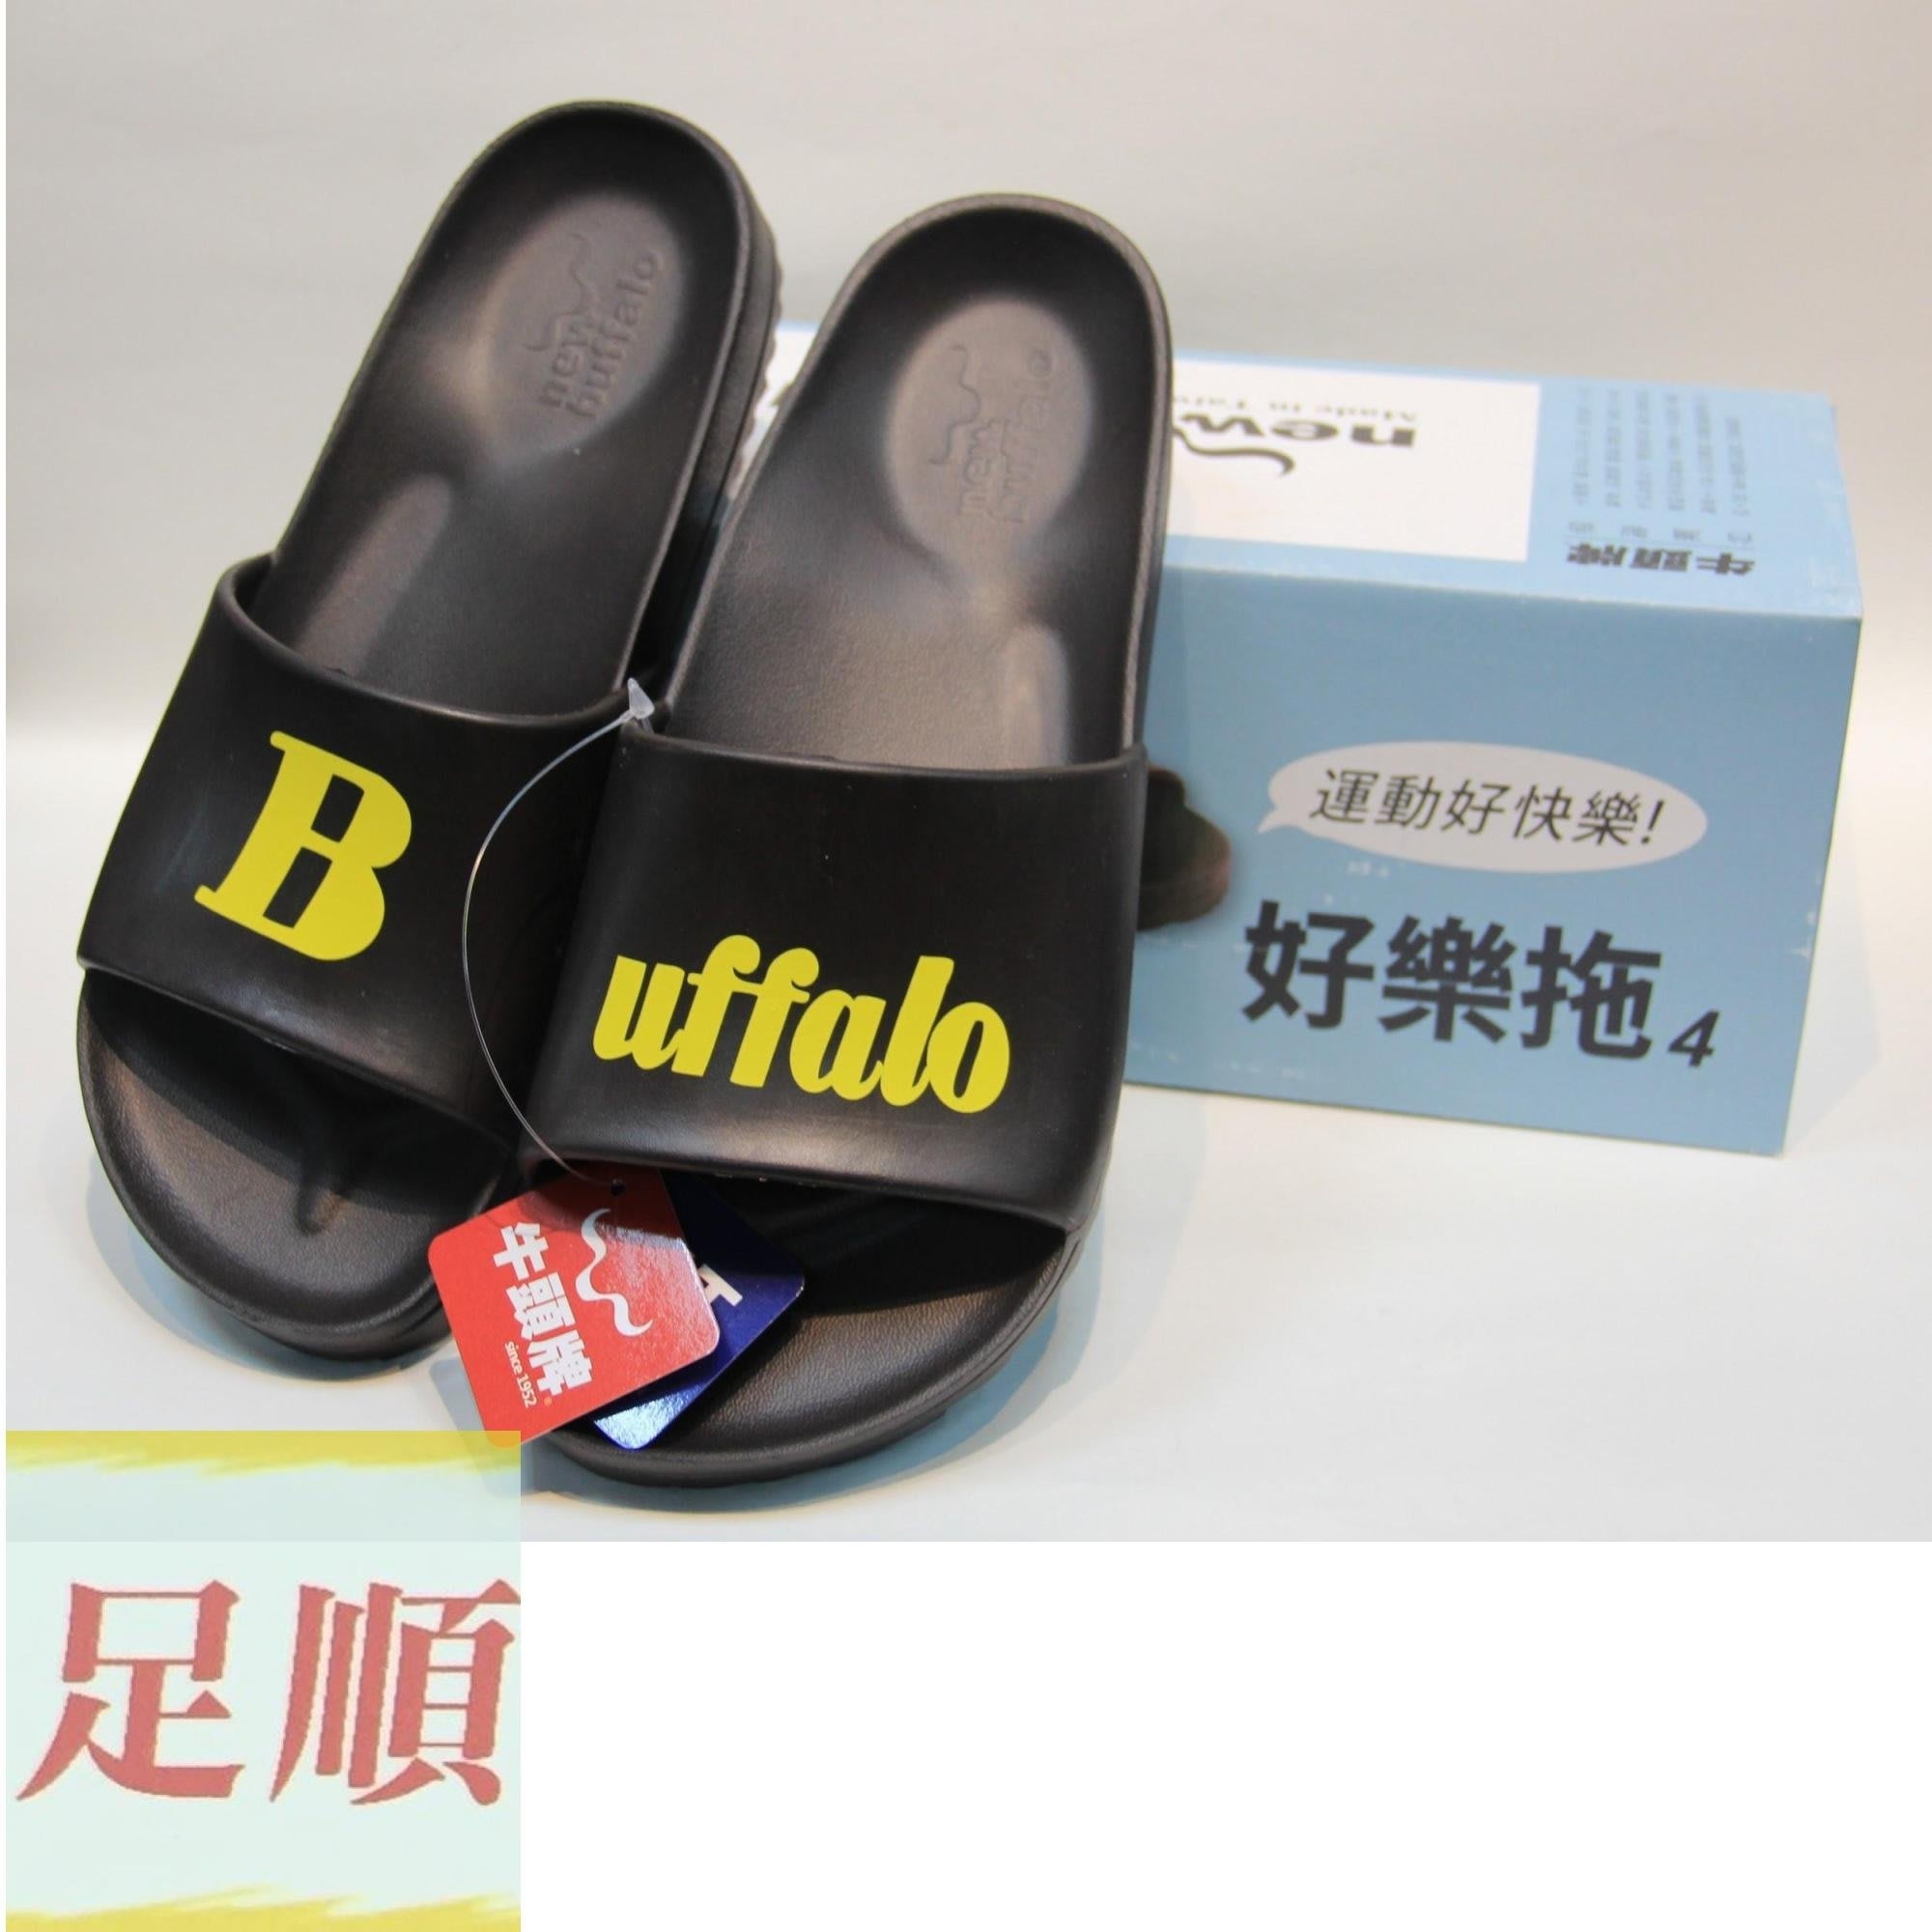 牛頭牌 好樂拖鞋4 拖鞋海灘沙灘拖 防水拖鞋 黑色 台灣製造【足順皮鞋】